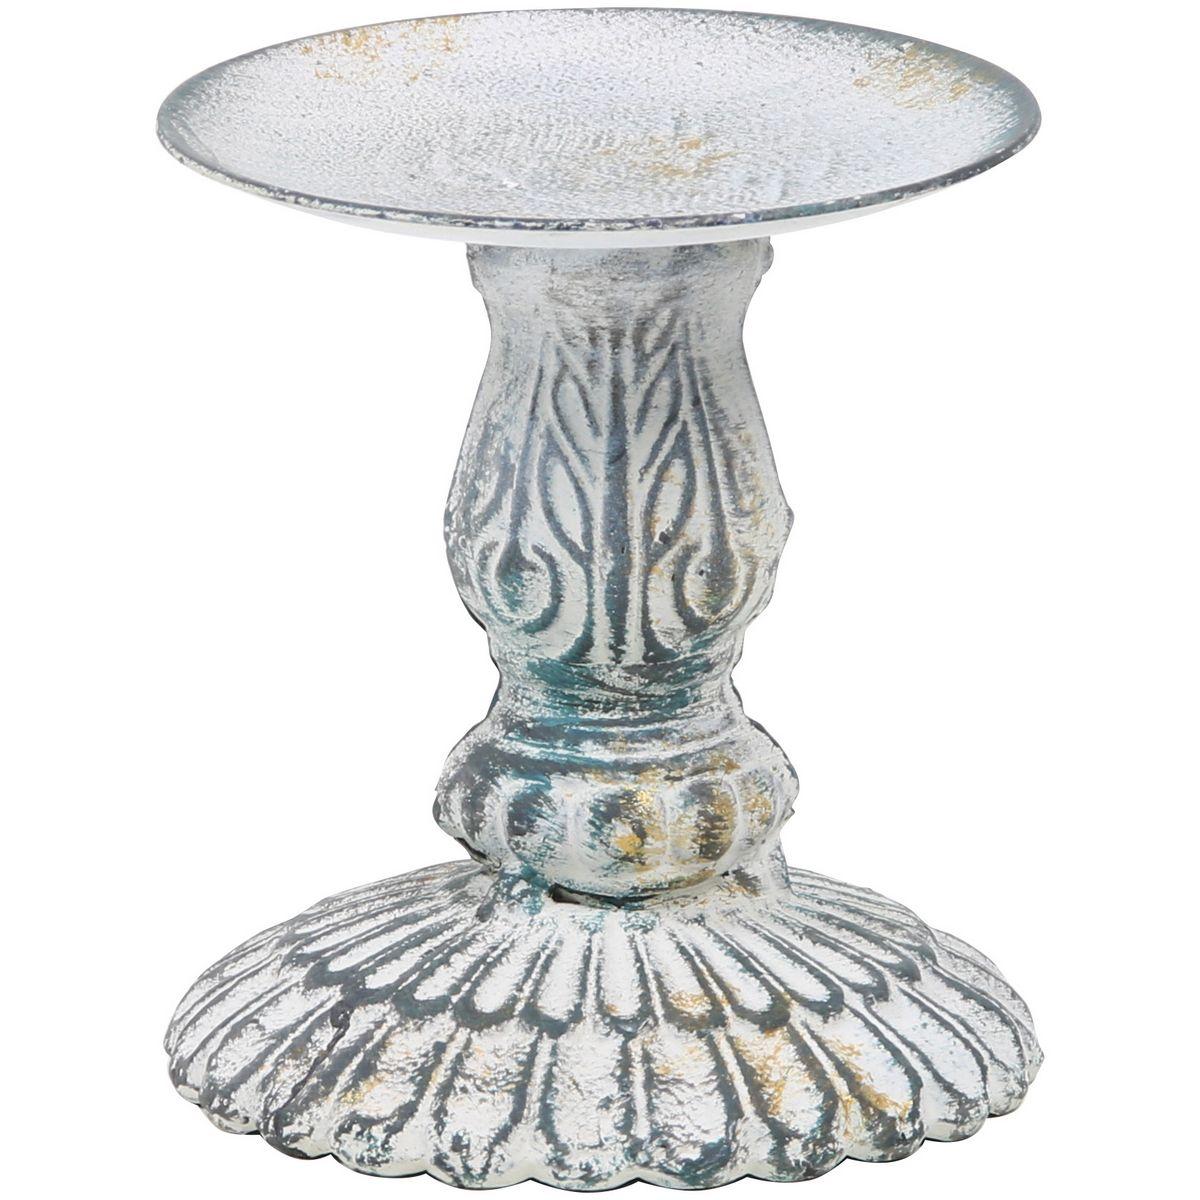 花器 出色 リース 花瓶 ブリキ アイアン アルミ花器 即日 514-028G 公式 SG Wonder ゴールドウォッシュ zone アンティークアイアンキャンドルスタンドS